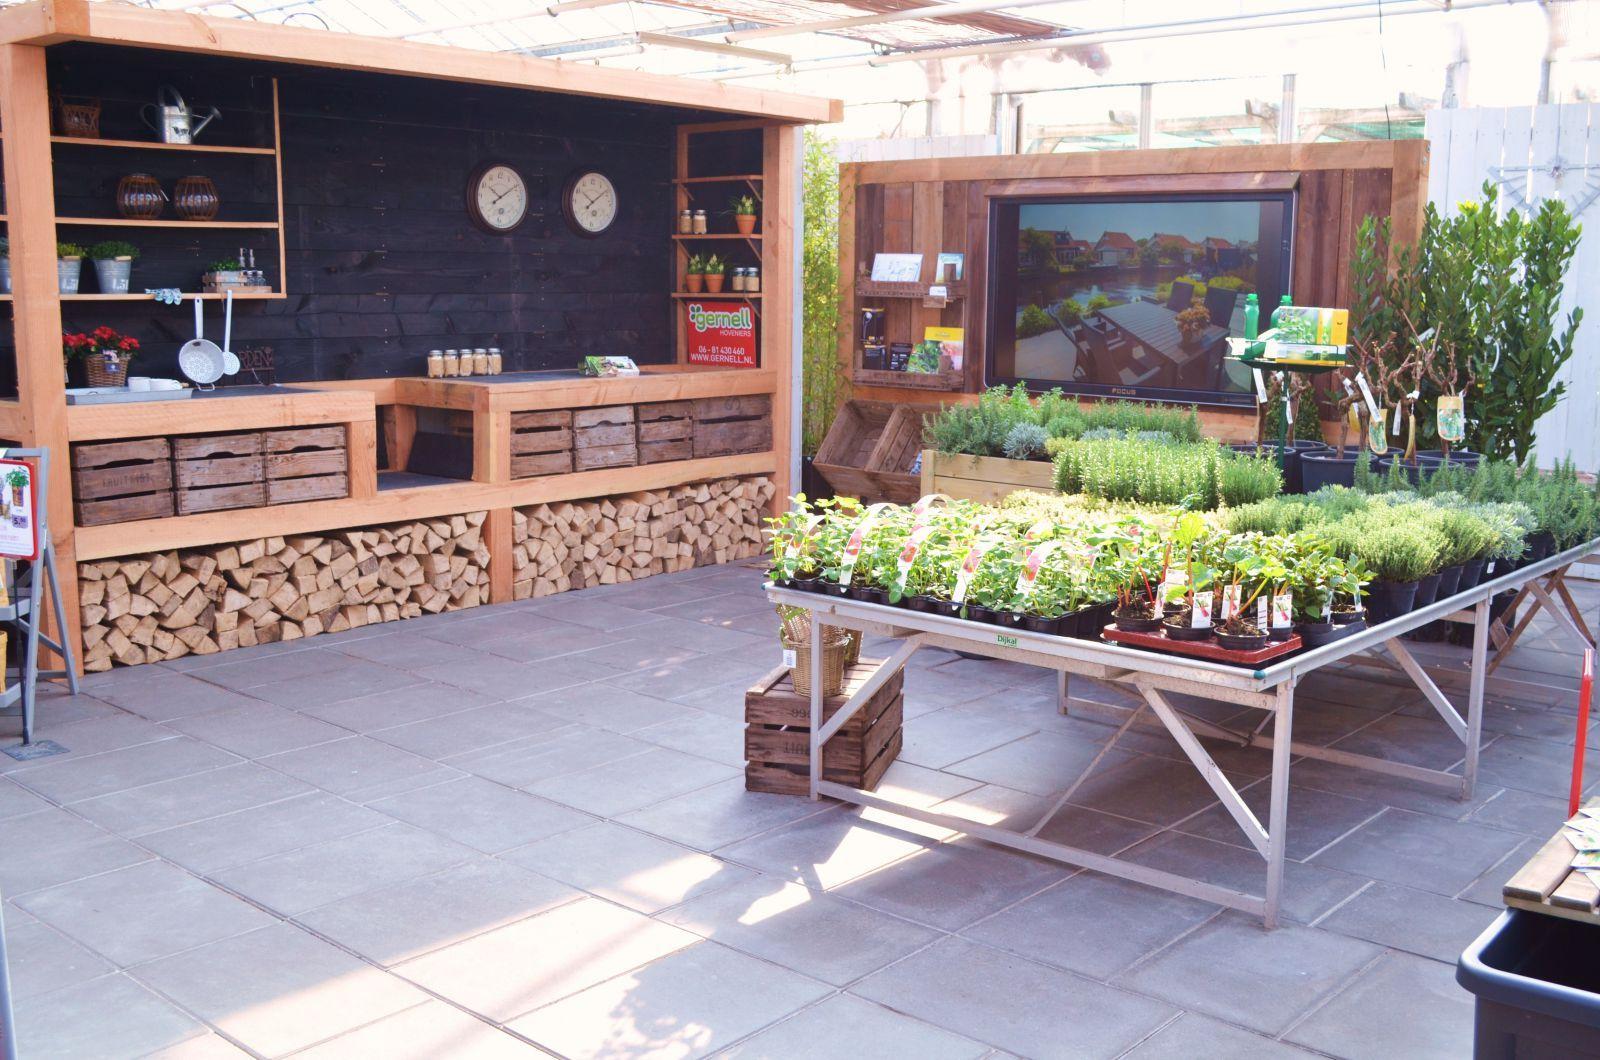 Buitenkeuken maken eigen huis en tuin google zoeken for Hoofdbord maken eigen huis en tuin